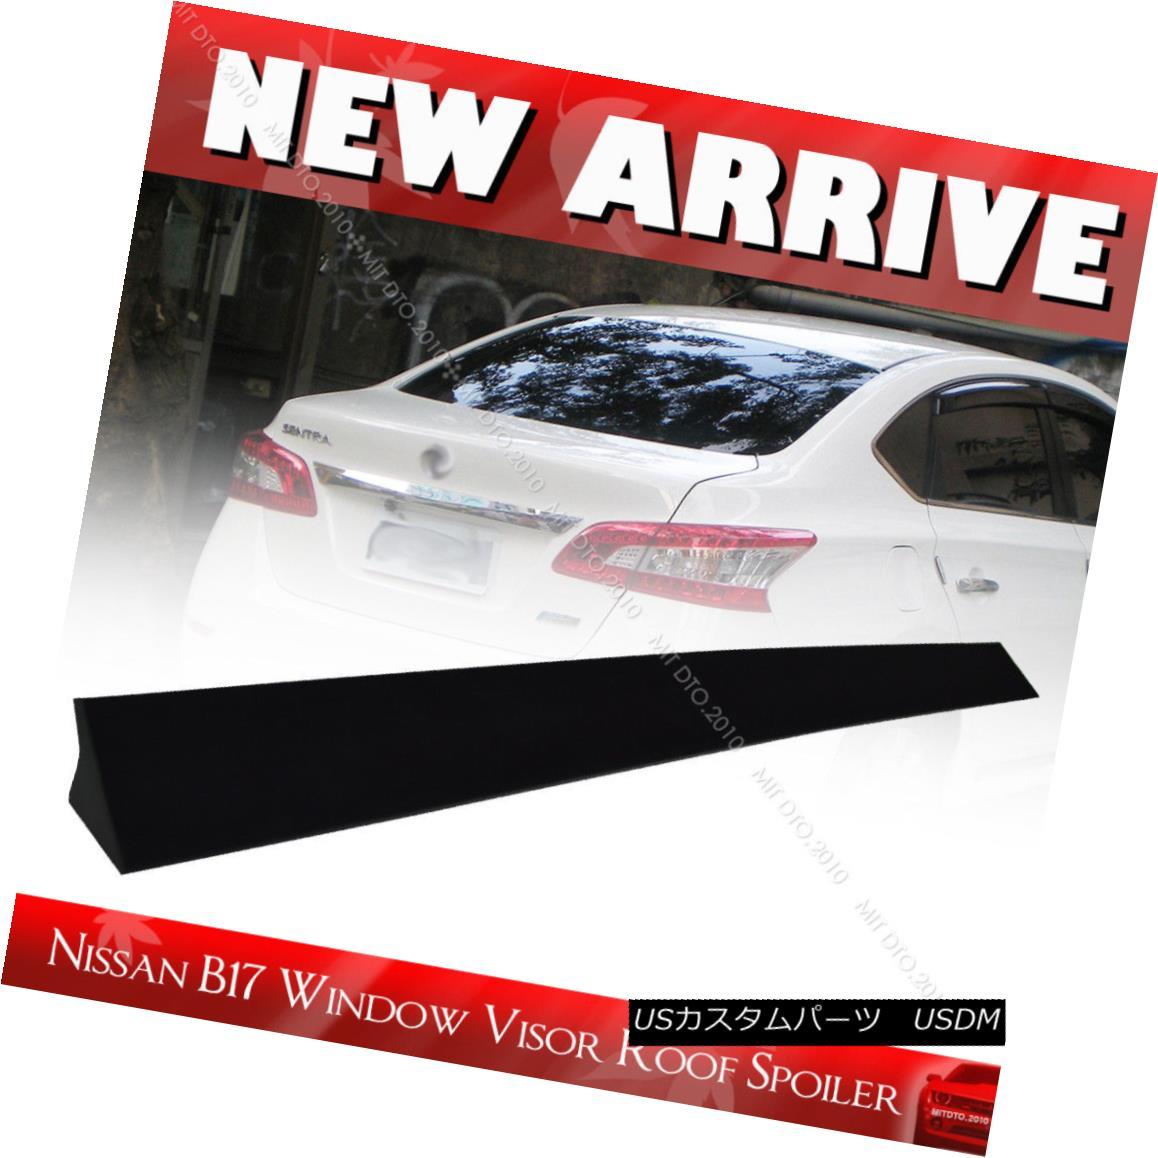 エアロパーツ Unpainted FOR Nissan Sentra B17 Sedan Window Roof Spoiler 13-15 SR SL 未塗装FOR Nissan Sentra B17セダンウィンドウルーフスポイラー13-15 SR SL